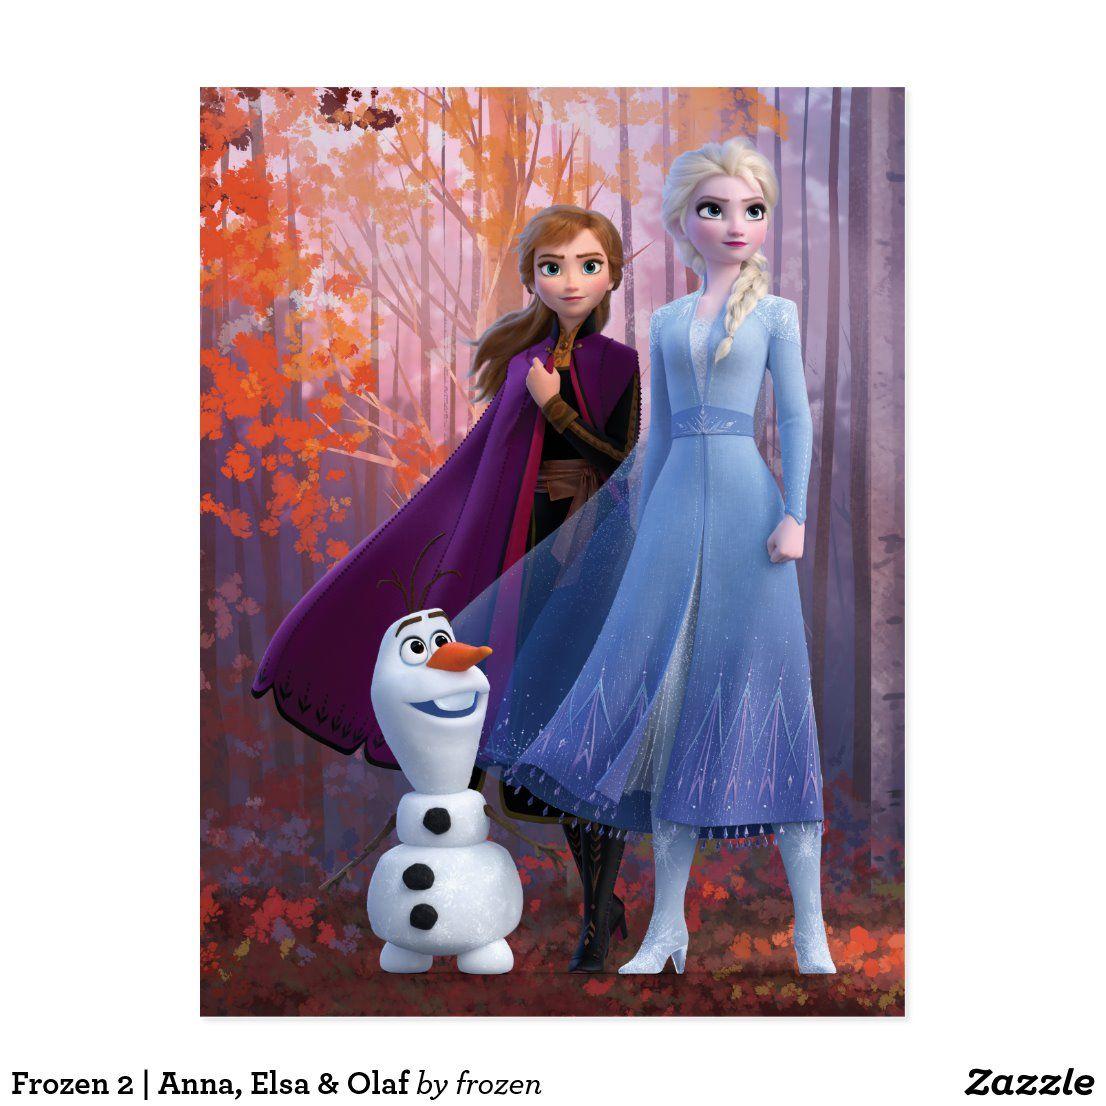 Frozen 2 Anna, Elsa & Olaf Postcard